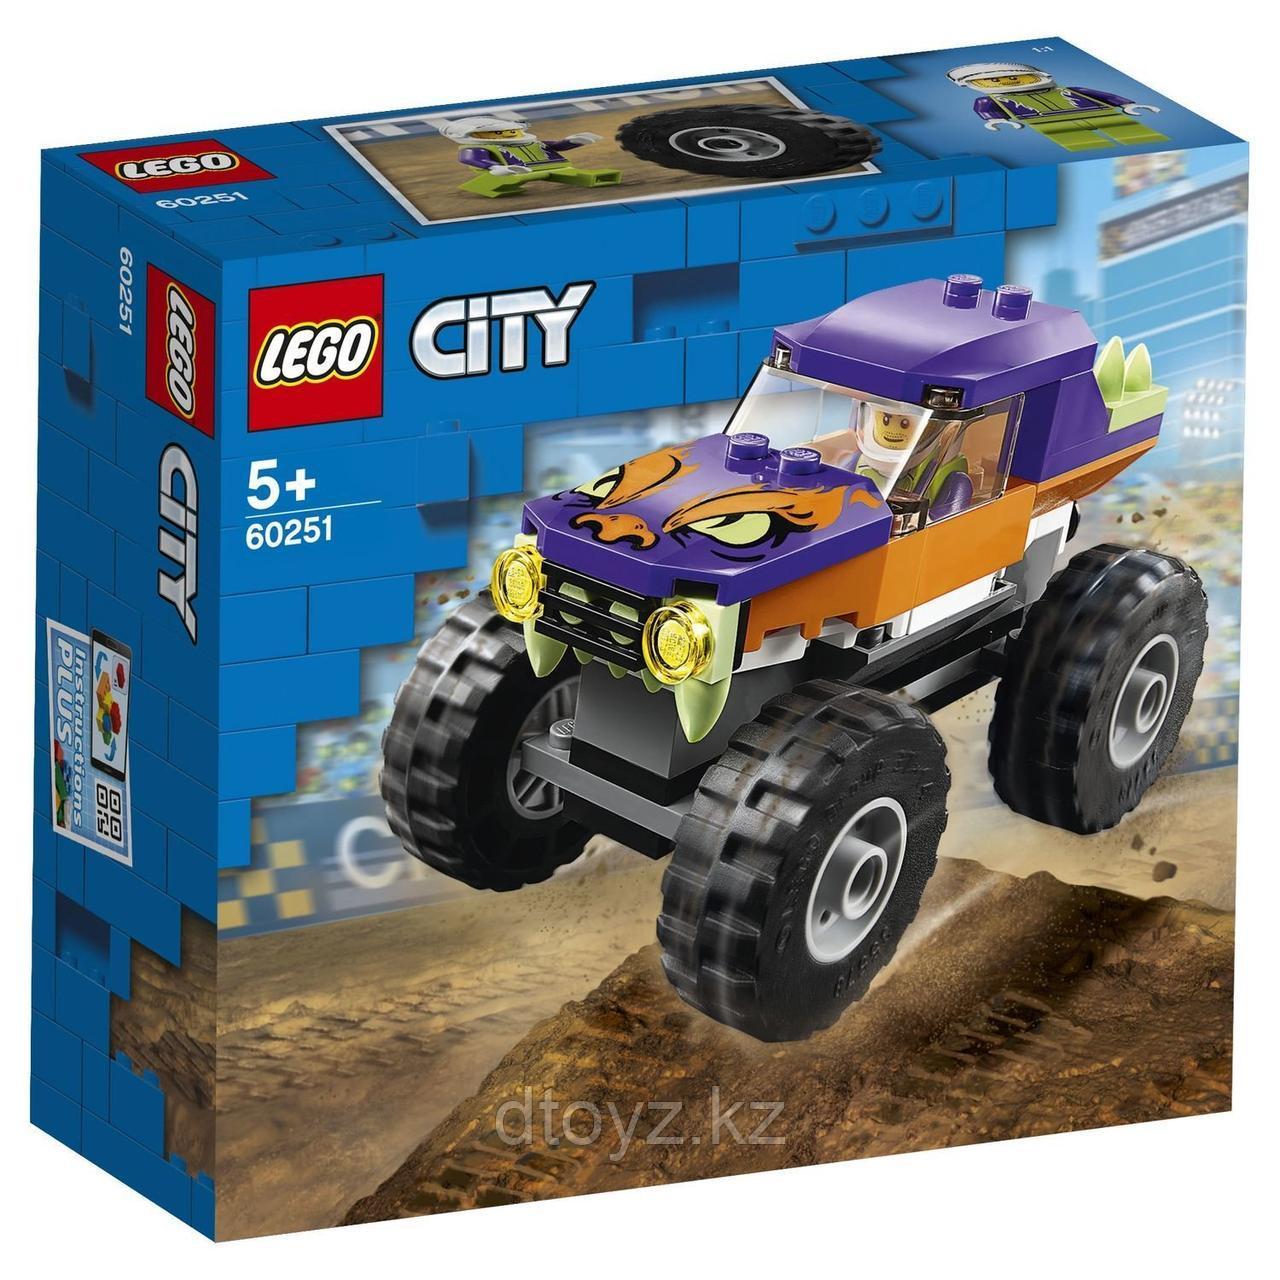 Lego City 60251 Great Vehicles Монстр-трак